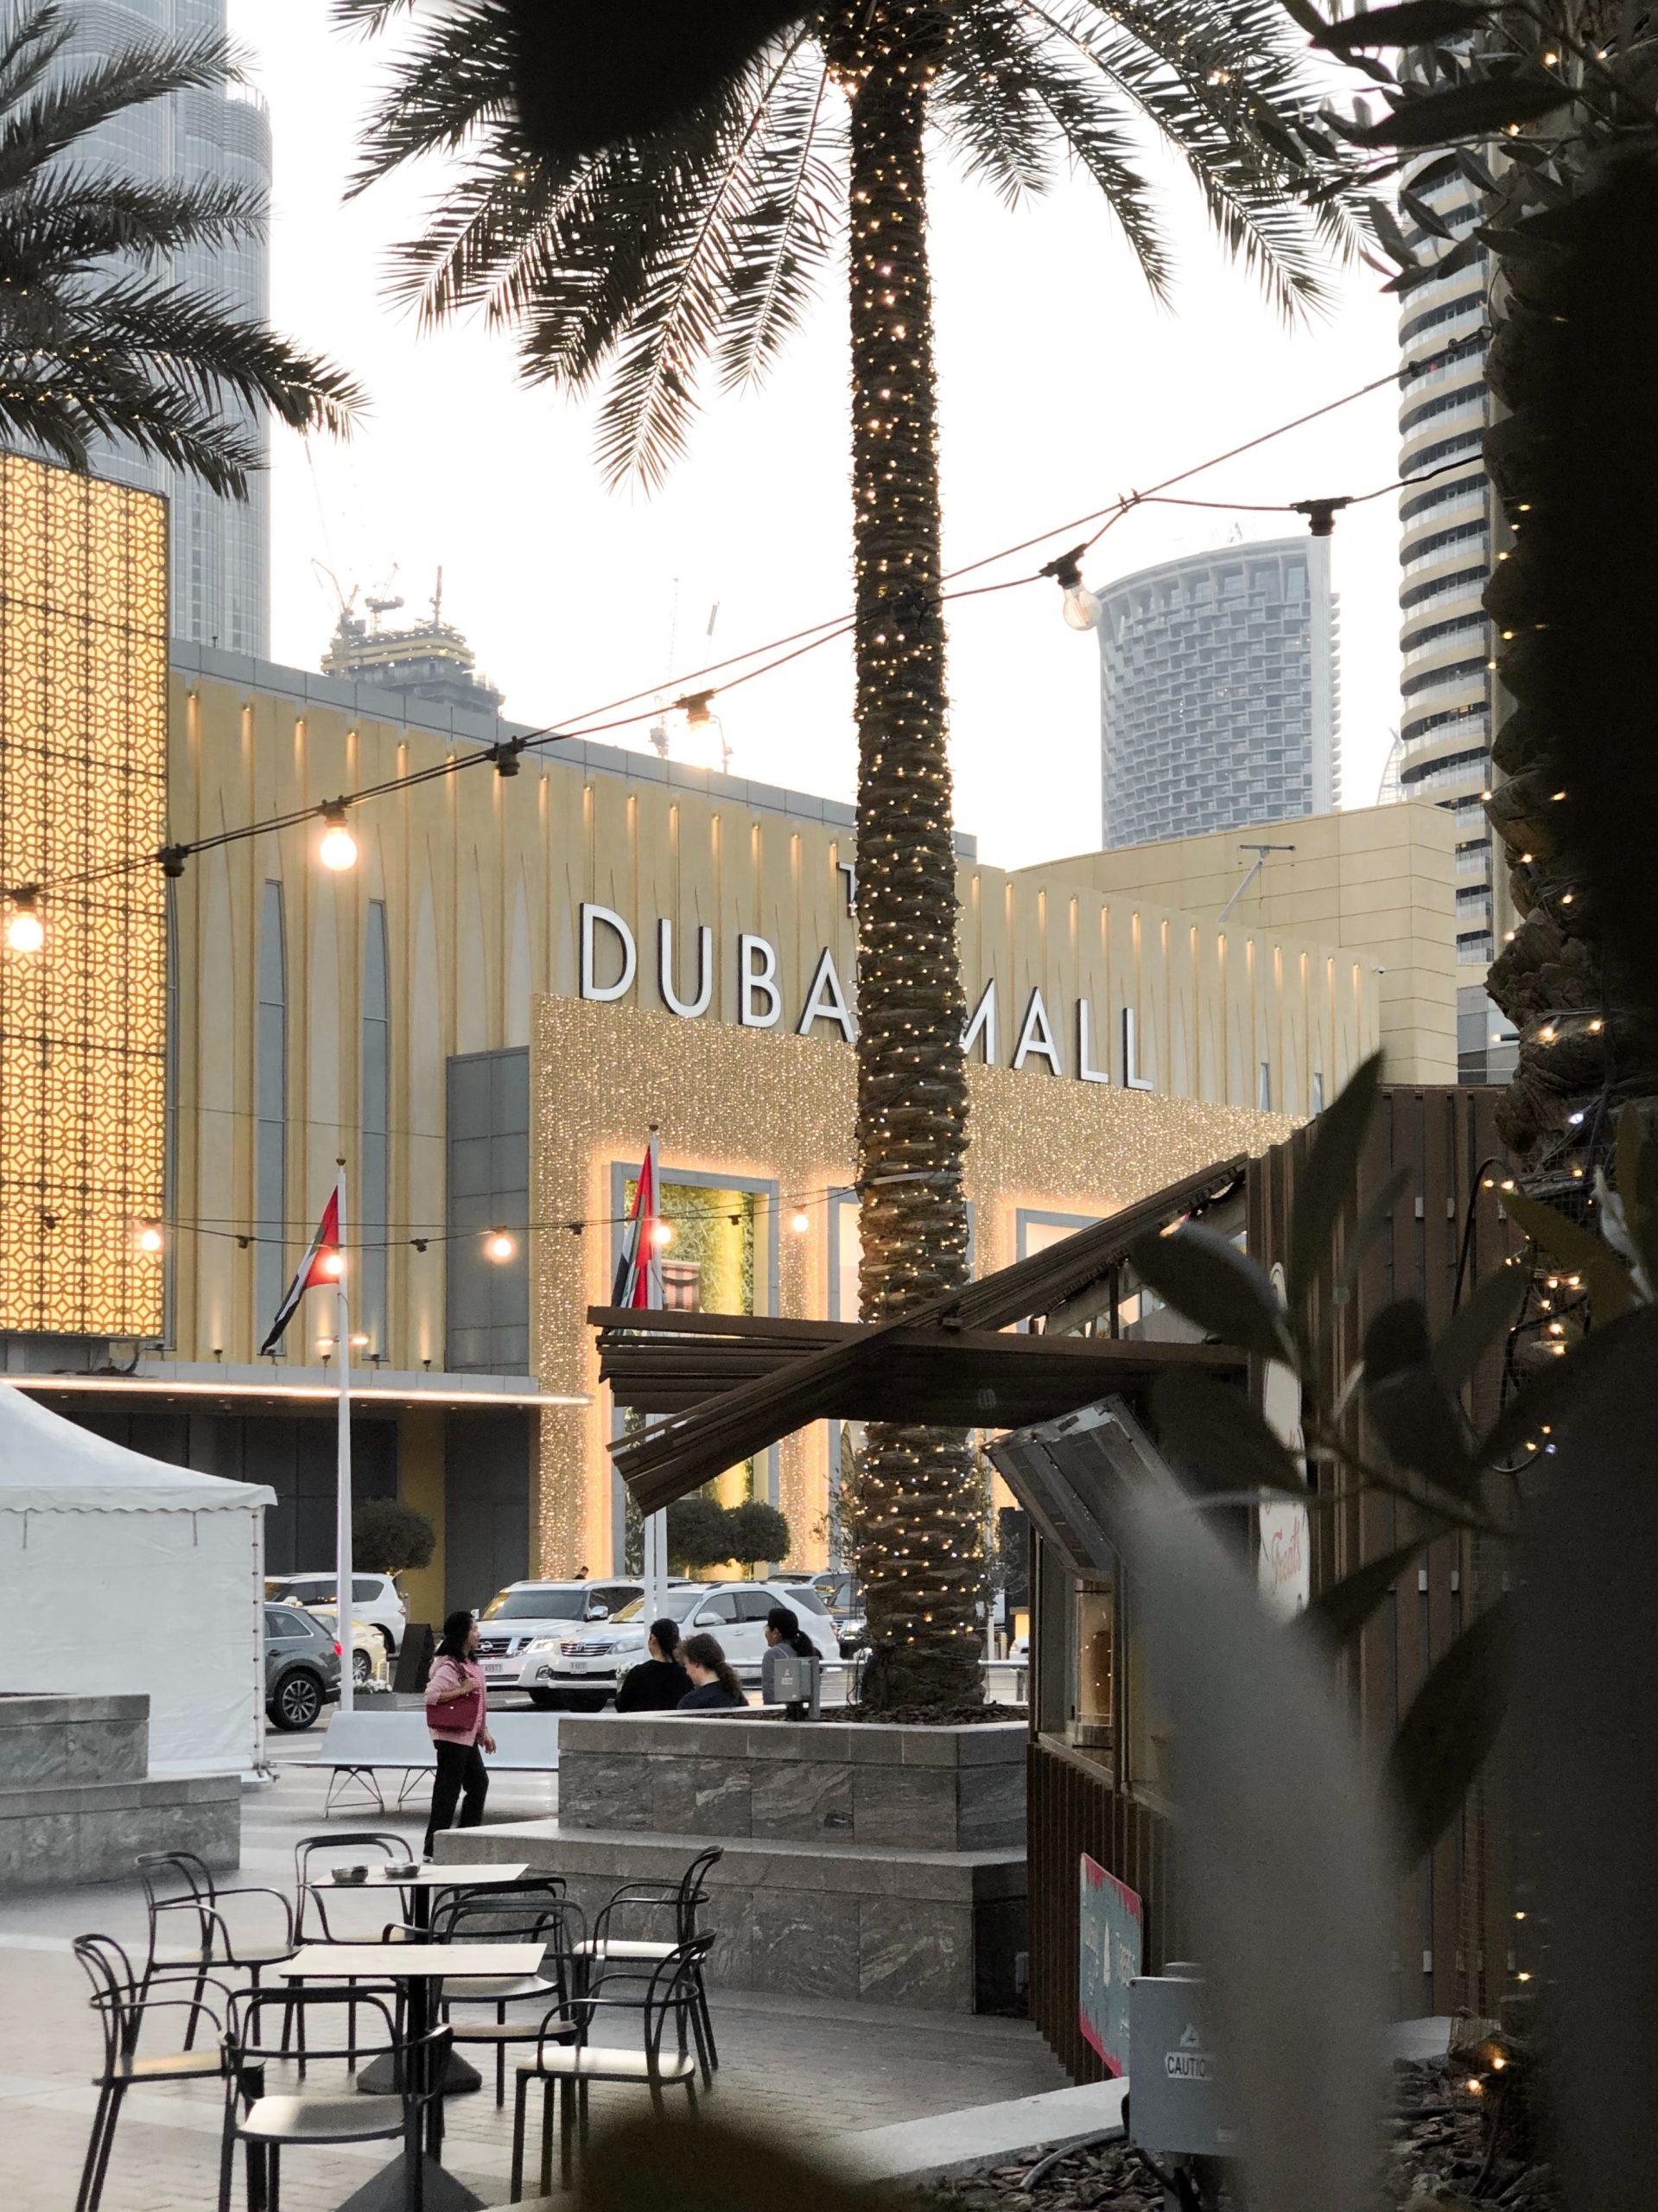 Dubái/Foto: Dario Ciraulo en UNSPLASH